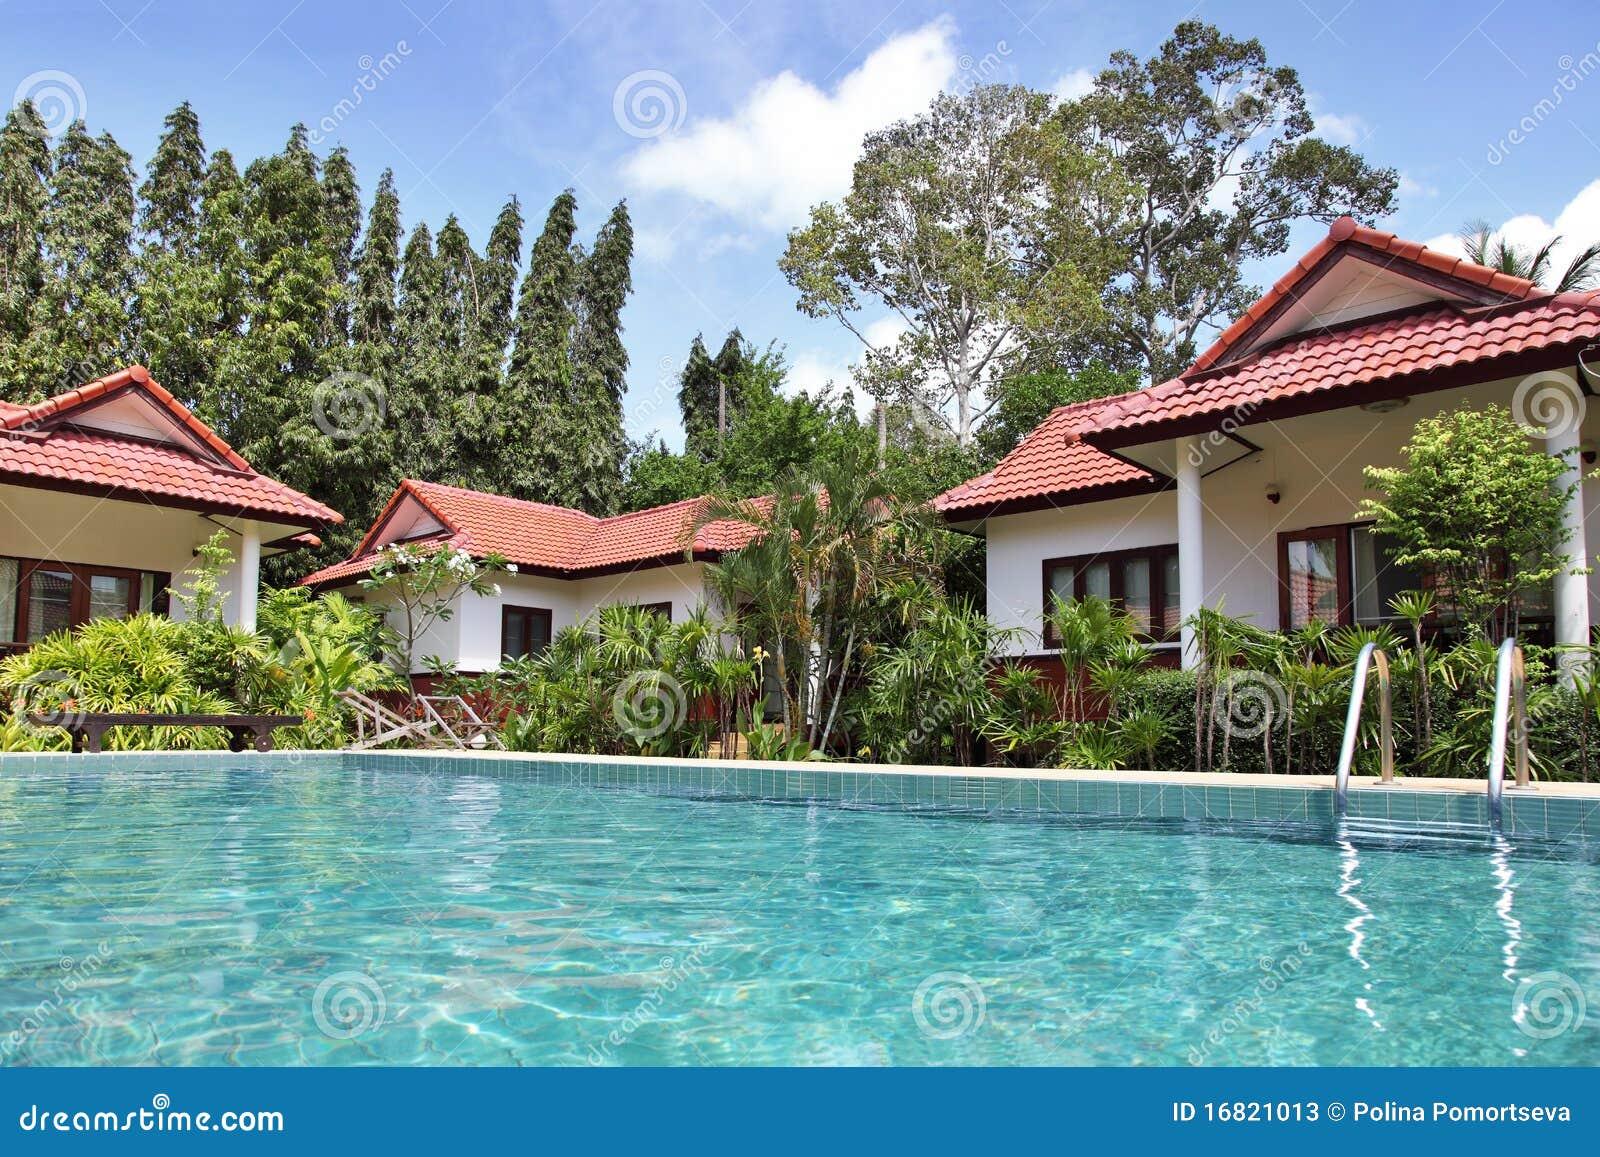 Casas tropicales con una piscina imagen de archivo for Casa con piscina urdaibai